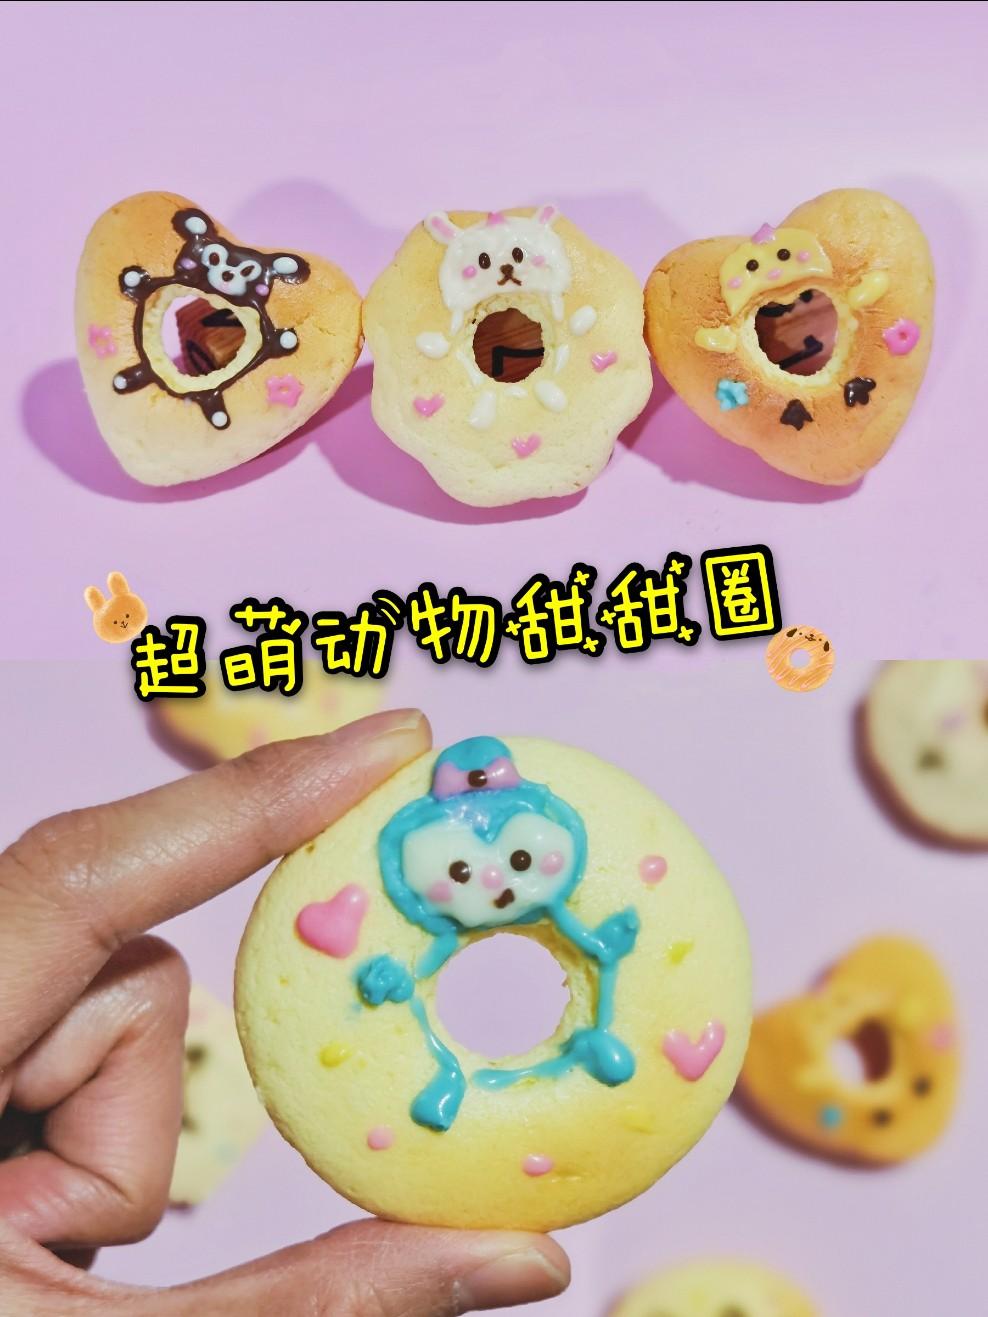 超萌小动物甜甜圈蛋糕